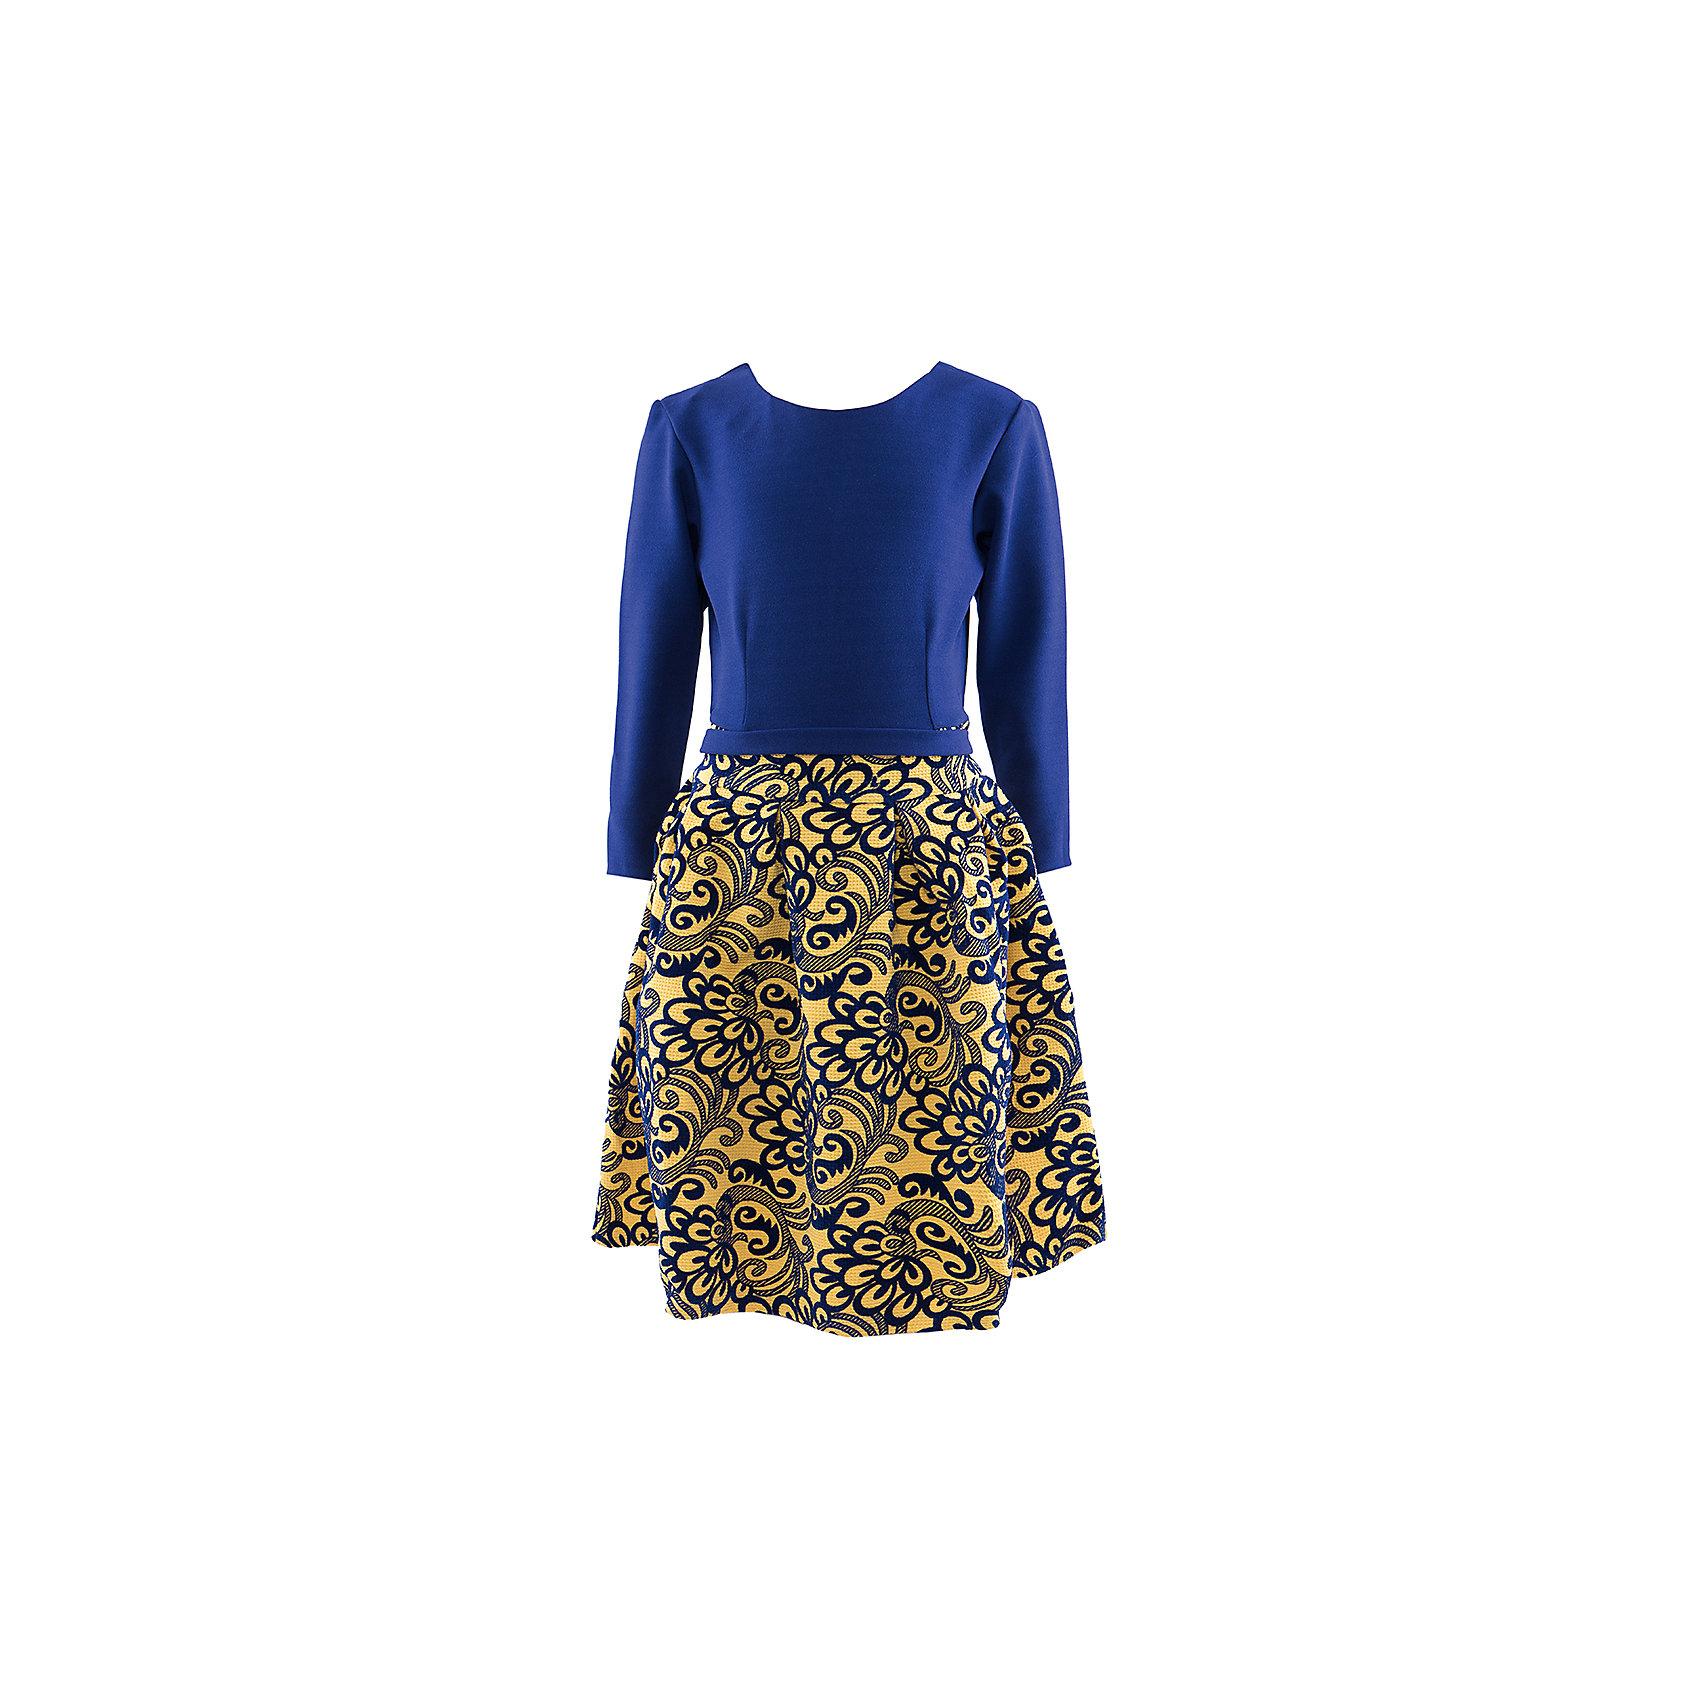 Нарядное платье ВенераПлатье для девочки. Длинный рукав, трикотажный верх, пышная жаккардовая юбка, пояс. Застежка молния.<br><br>Ширина мм: 236<br>Глубина мм: 16<br>Высота мм: 184<br>Вес г: 177<br>Цвет: желтый<br>Возраст от месяцев: 84<br>Возраст до месяцев: 96<br>Пол: Женский<br>Возраст: Детский<br>Размер: 122/128,134/140,128/134,116/122<br>SKU: 4452507